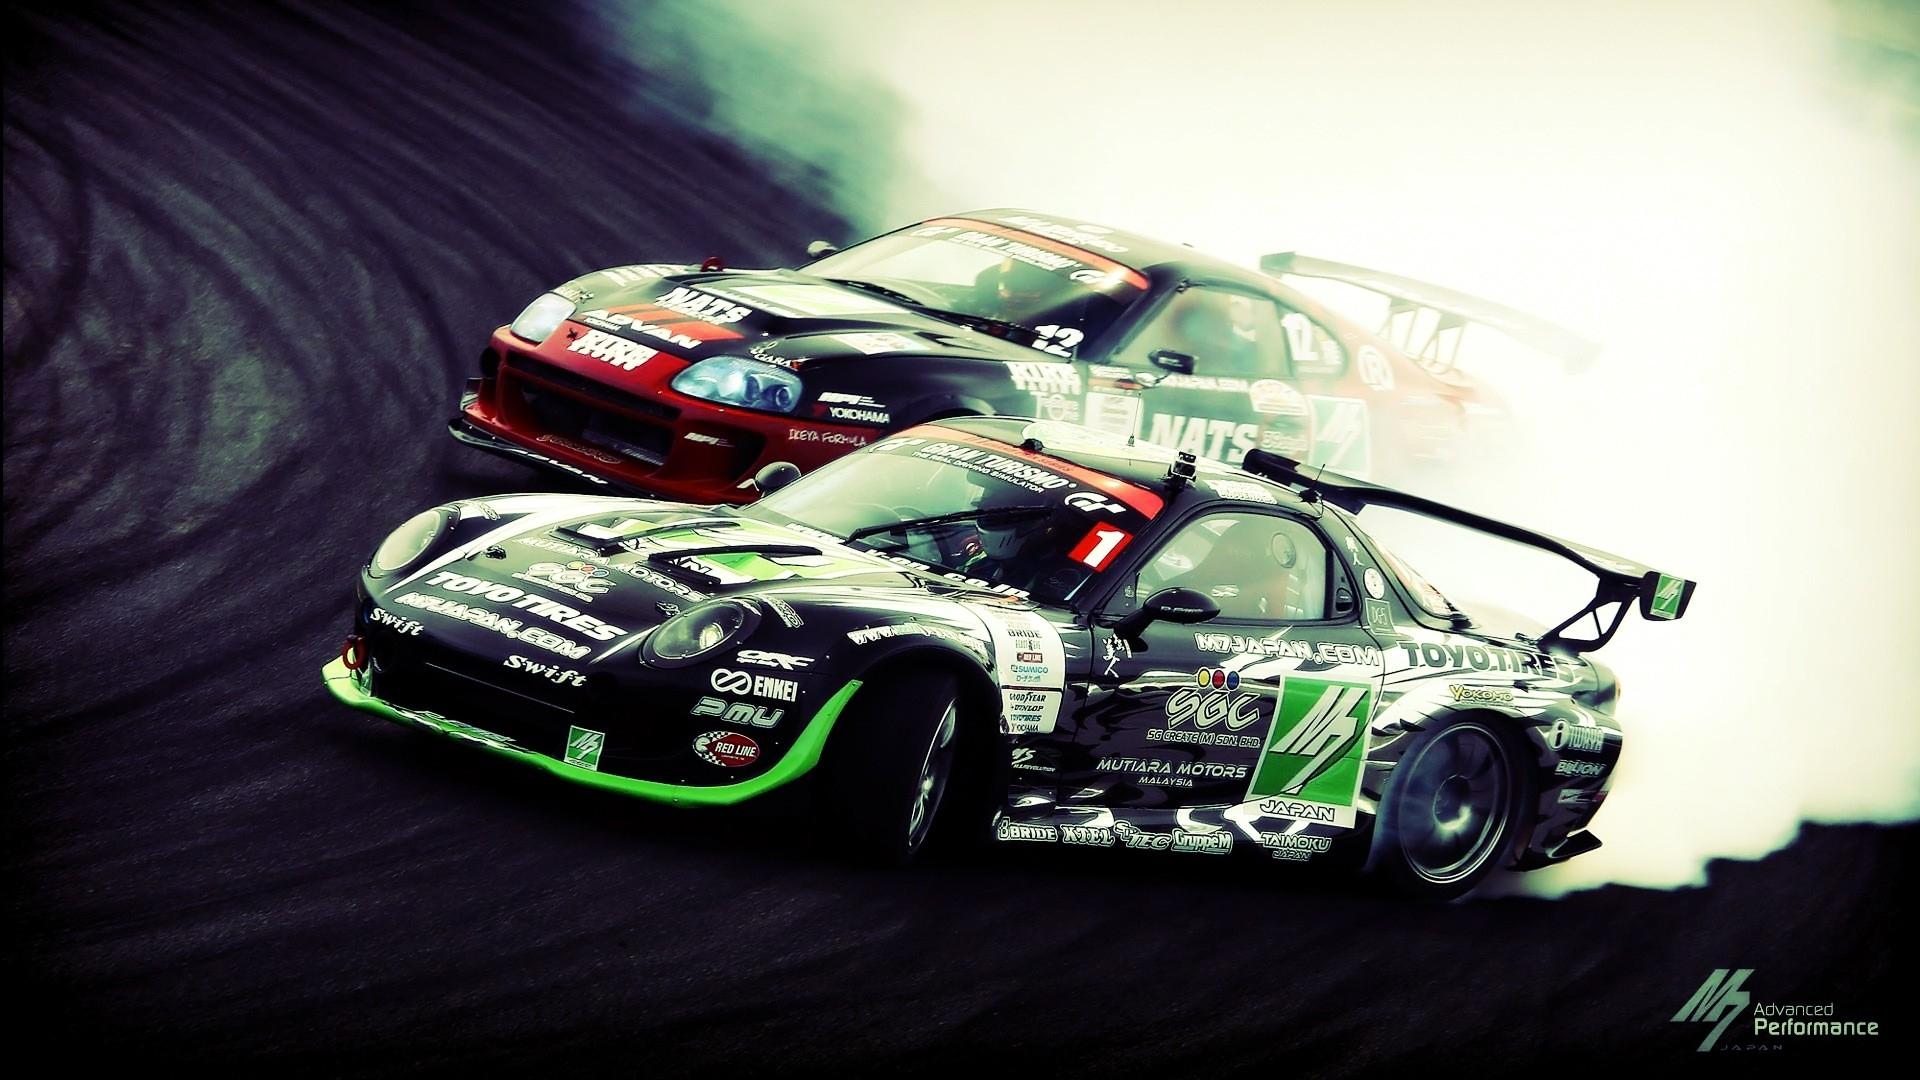 Eagle Smoke Mazda Drifting Cars Vehicles Tuning Mazda Rx7 Toyota Supra  Racing Cars Wallpaper